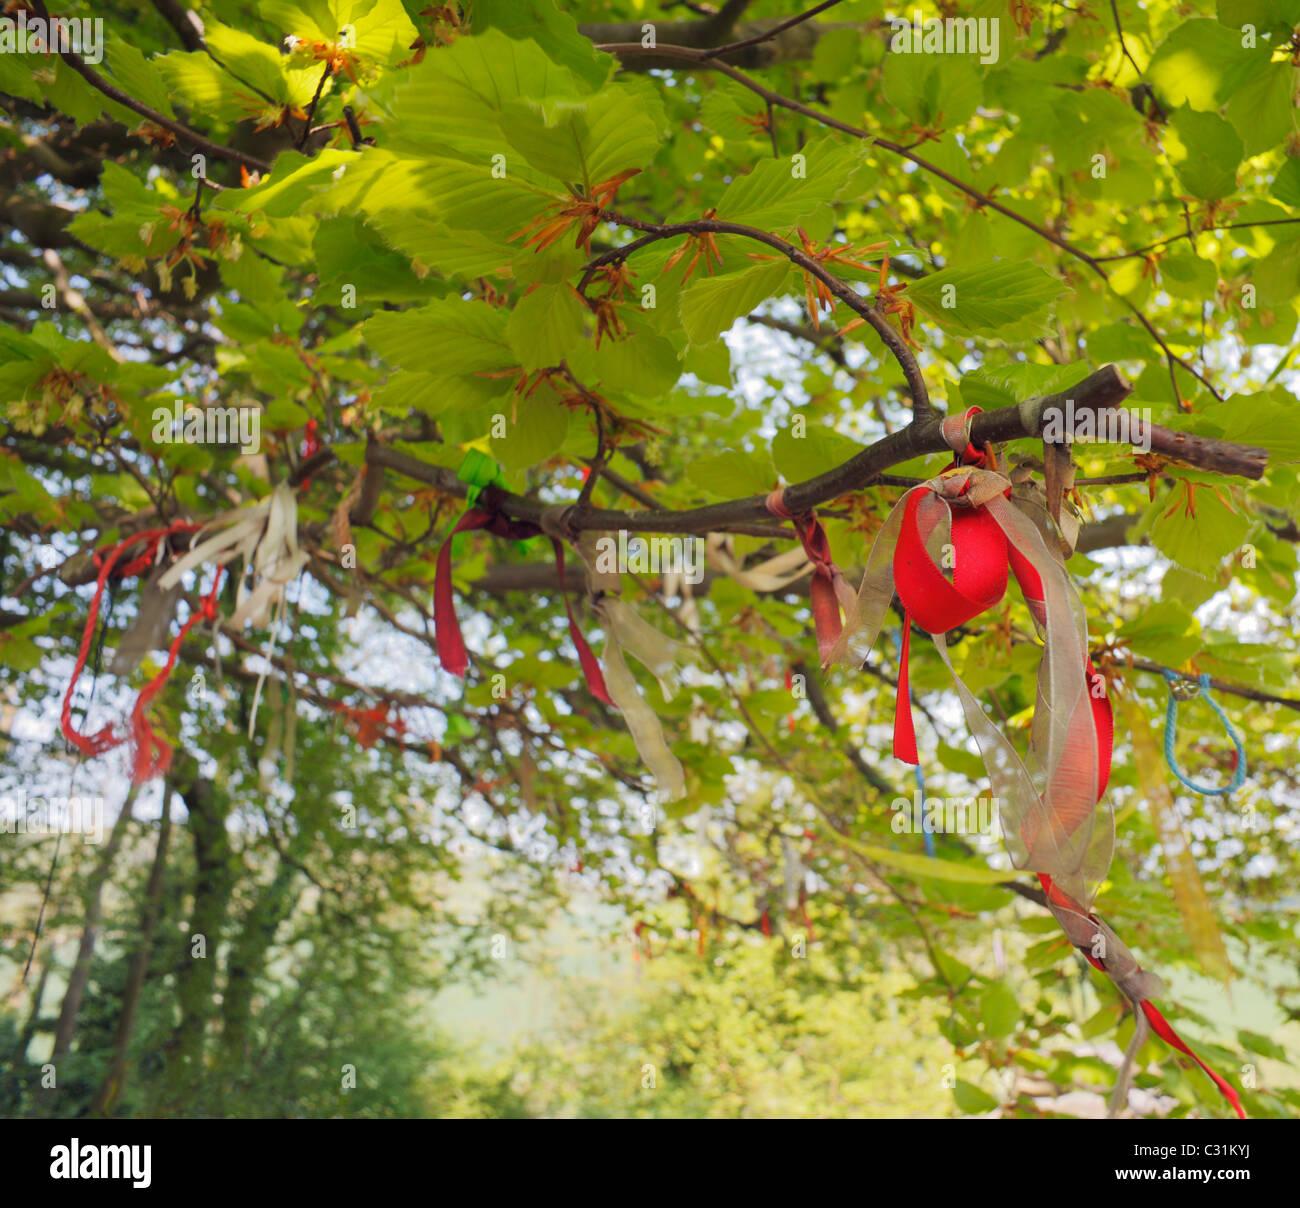 Rubans souhaite attaché à un arbre dans un ancien site d'enfouissement, à Coldrum Stones. Banque D'Images